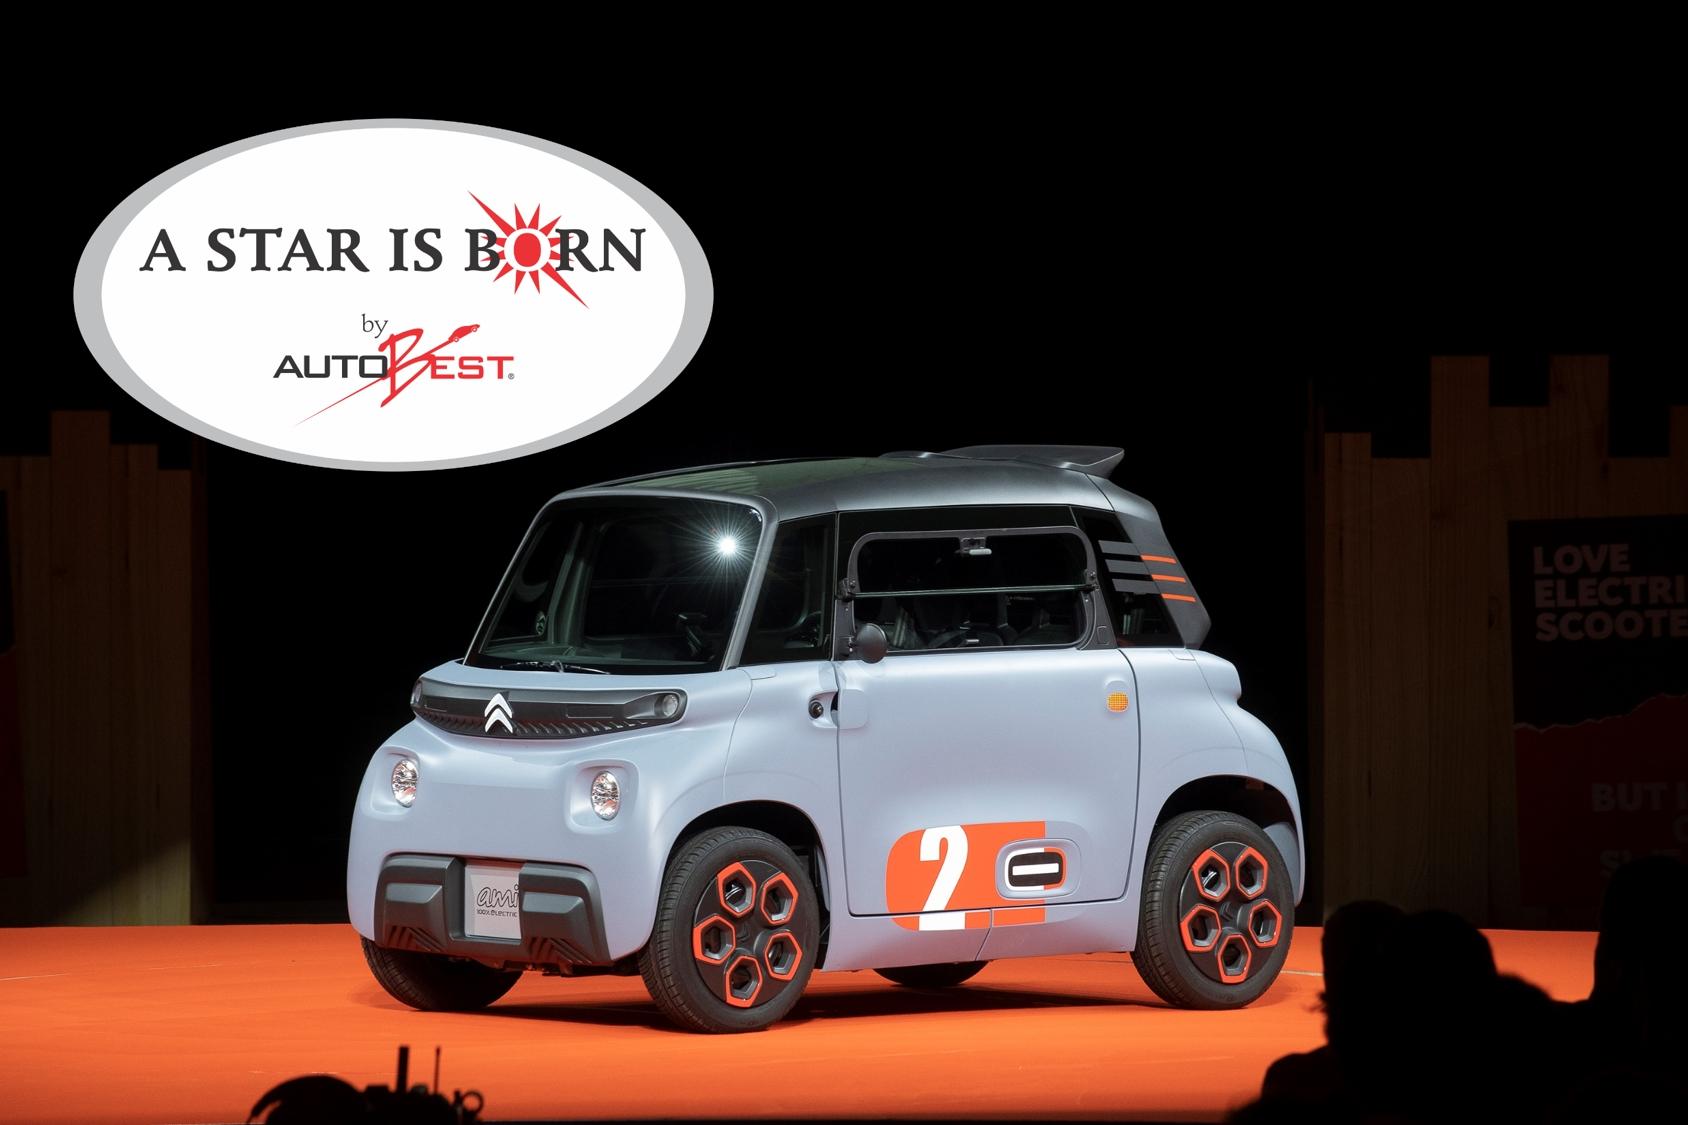 """Окремою нагородою – """"Народження зірки 2020"""" – журналісти відзначили електричний Citroen Ami"""